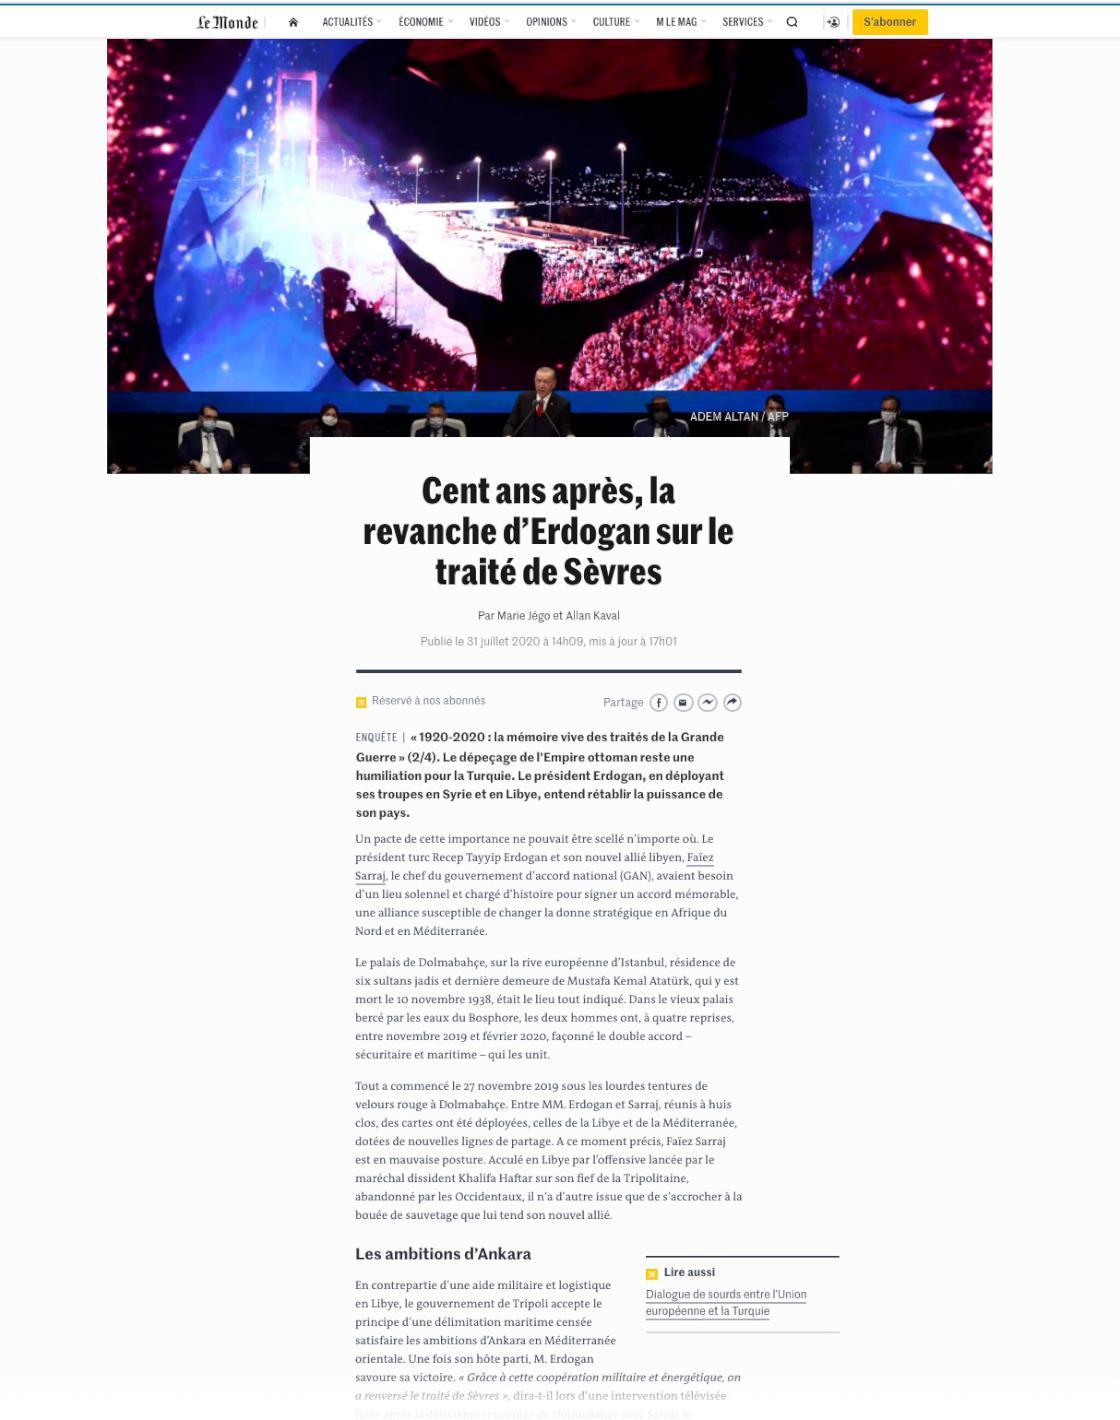 Le Monde Cumhurbaşkanı Erdoğan'ı haberine taşıdı #2